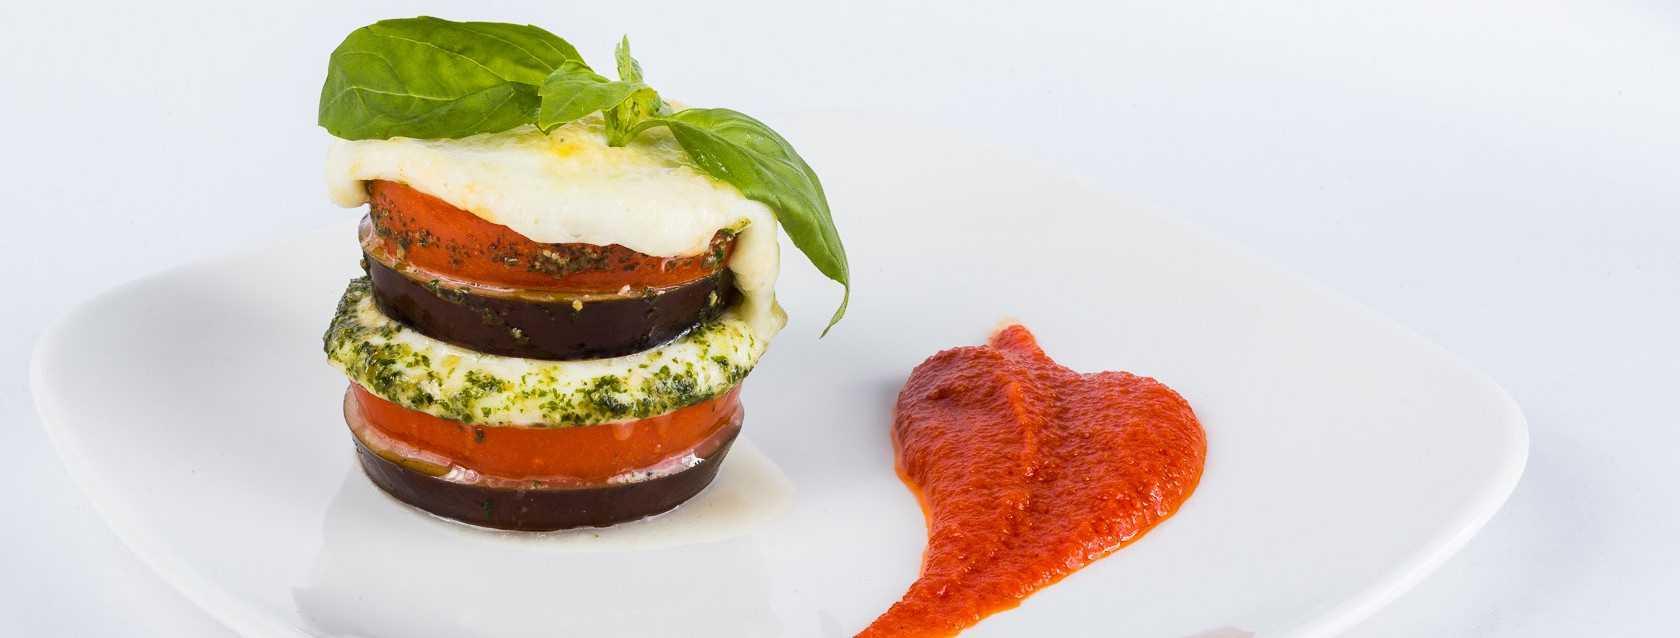 Салат с моцареллой помидорами и беконом рецепт с фото пошагово и видео - 1000.menu